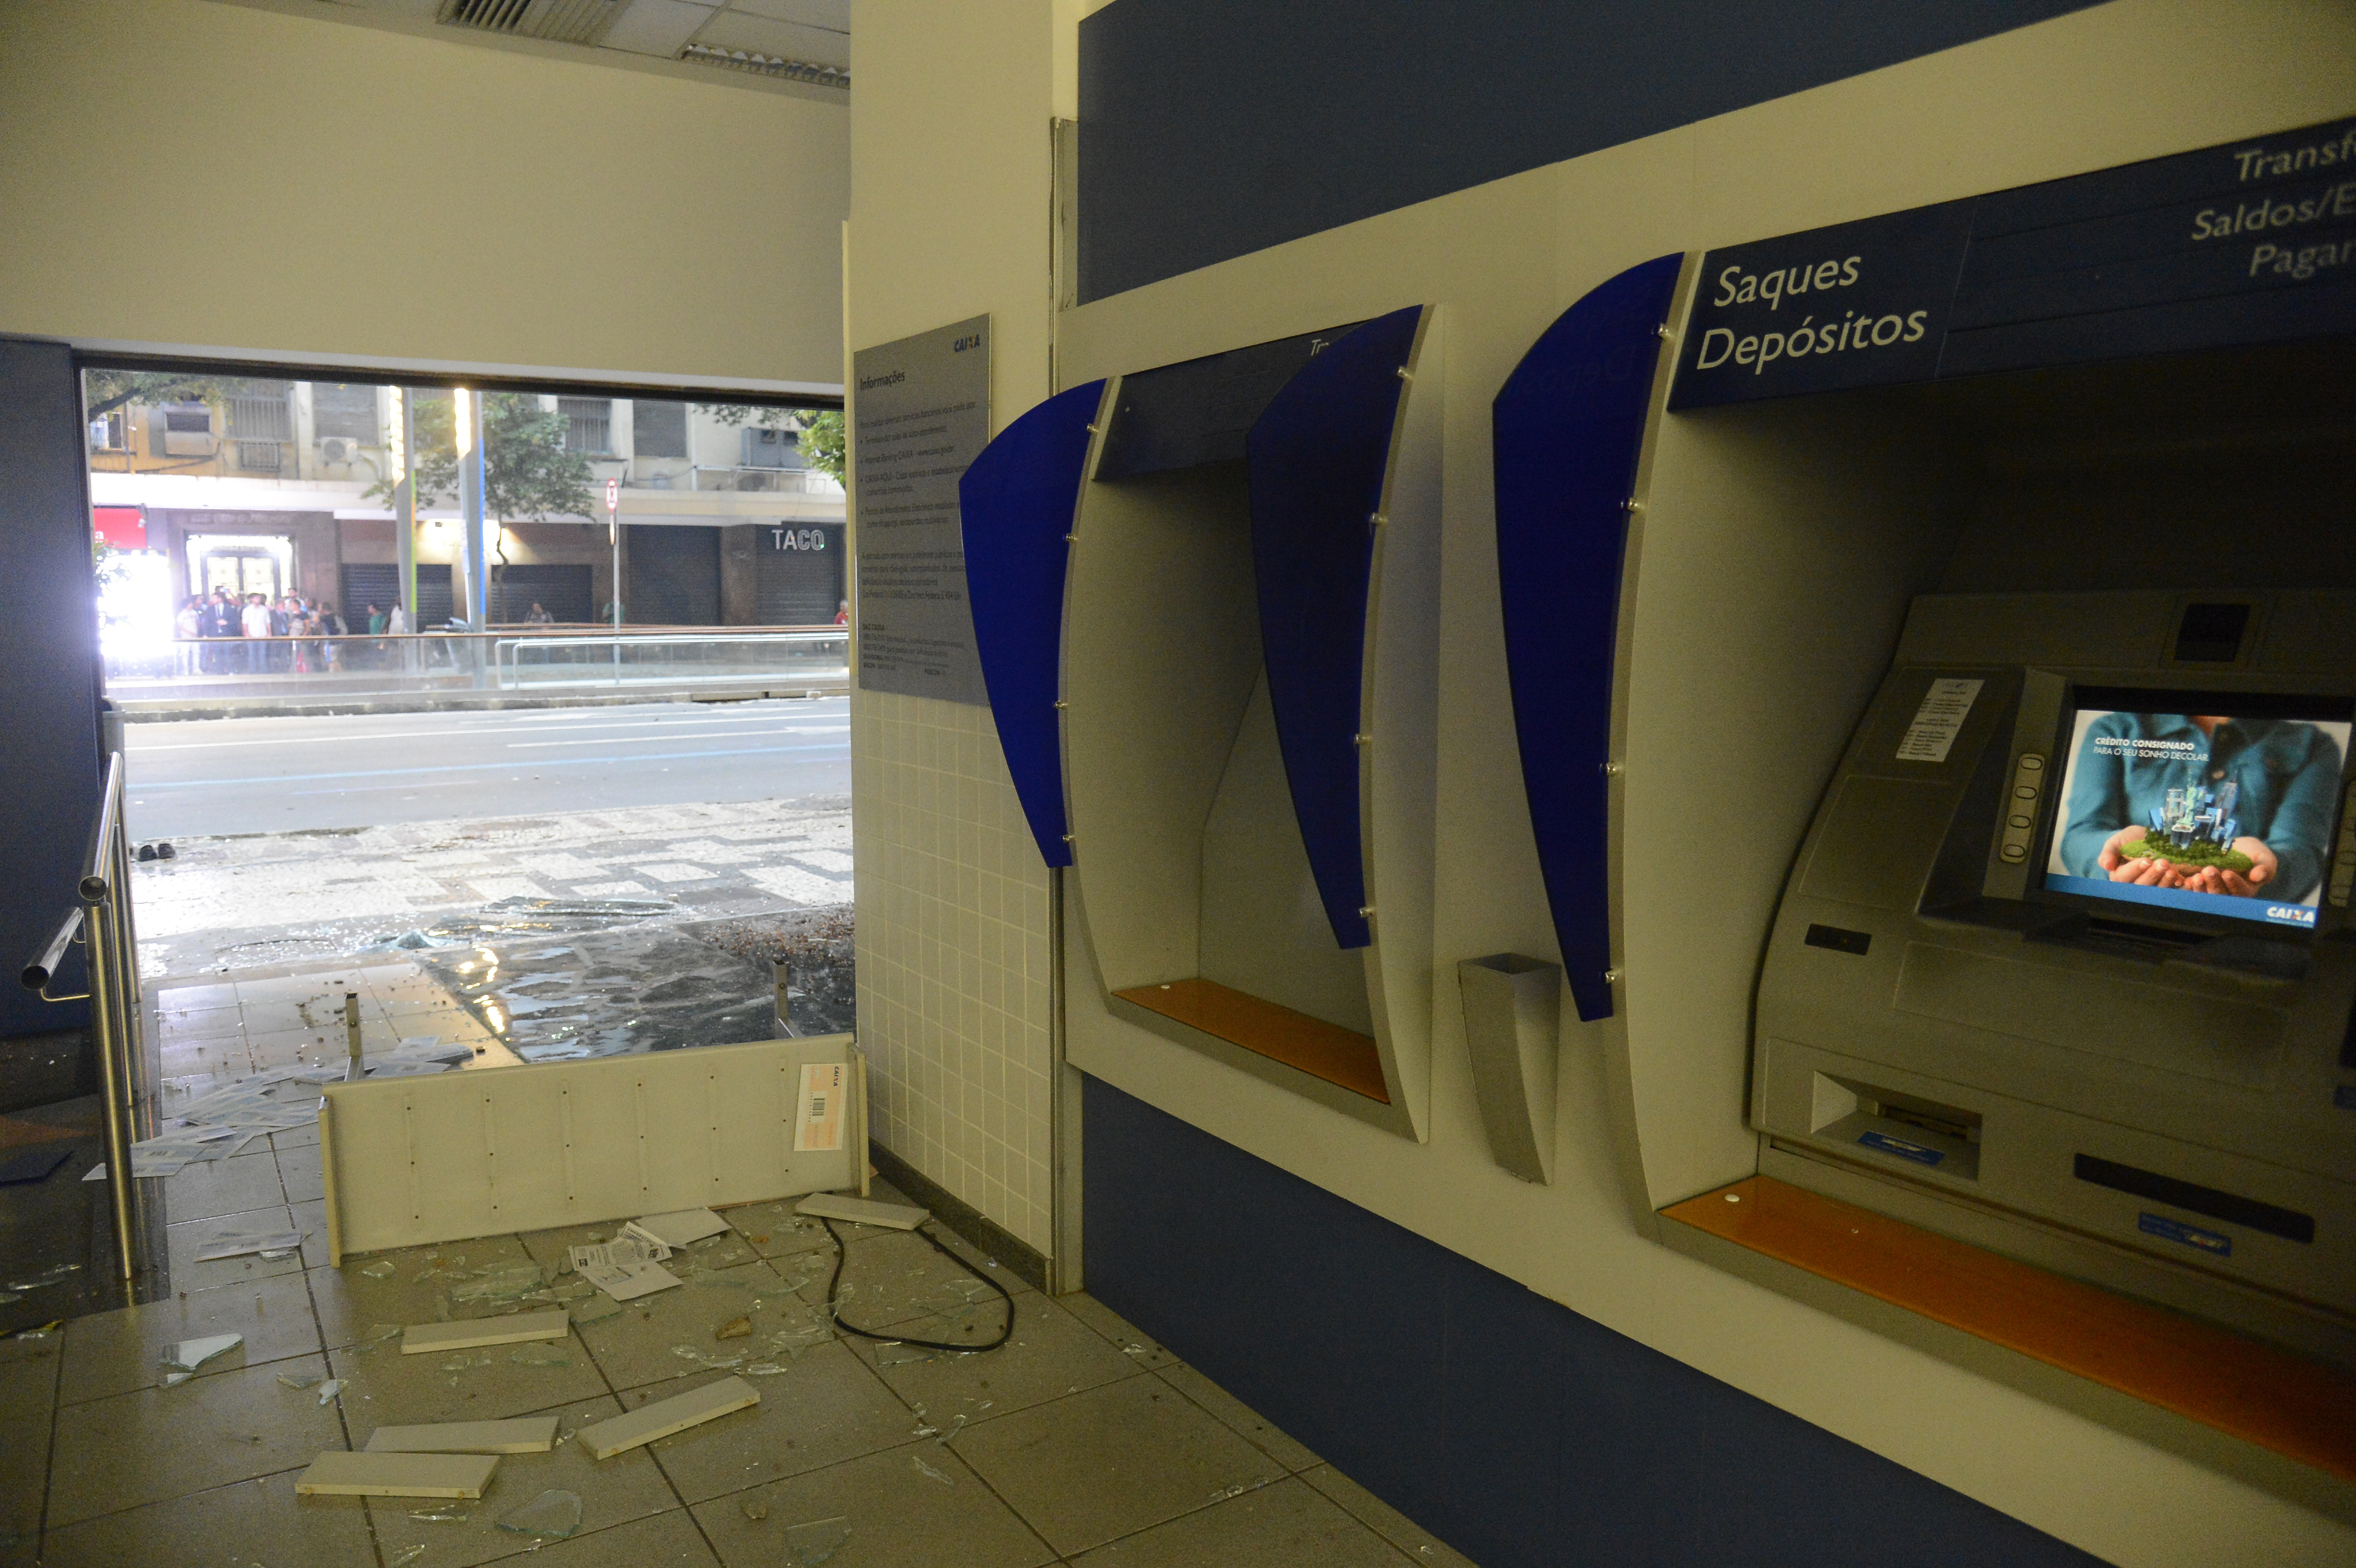 Segurança - geral - explosão caixas eletrônicos bancos quadrilhas protestos agências bancárias